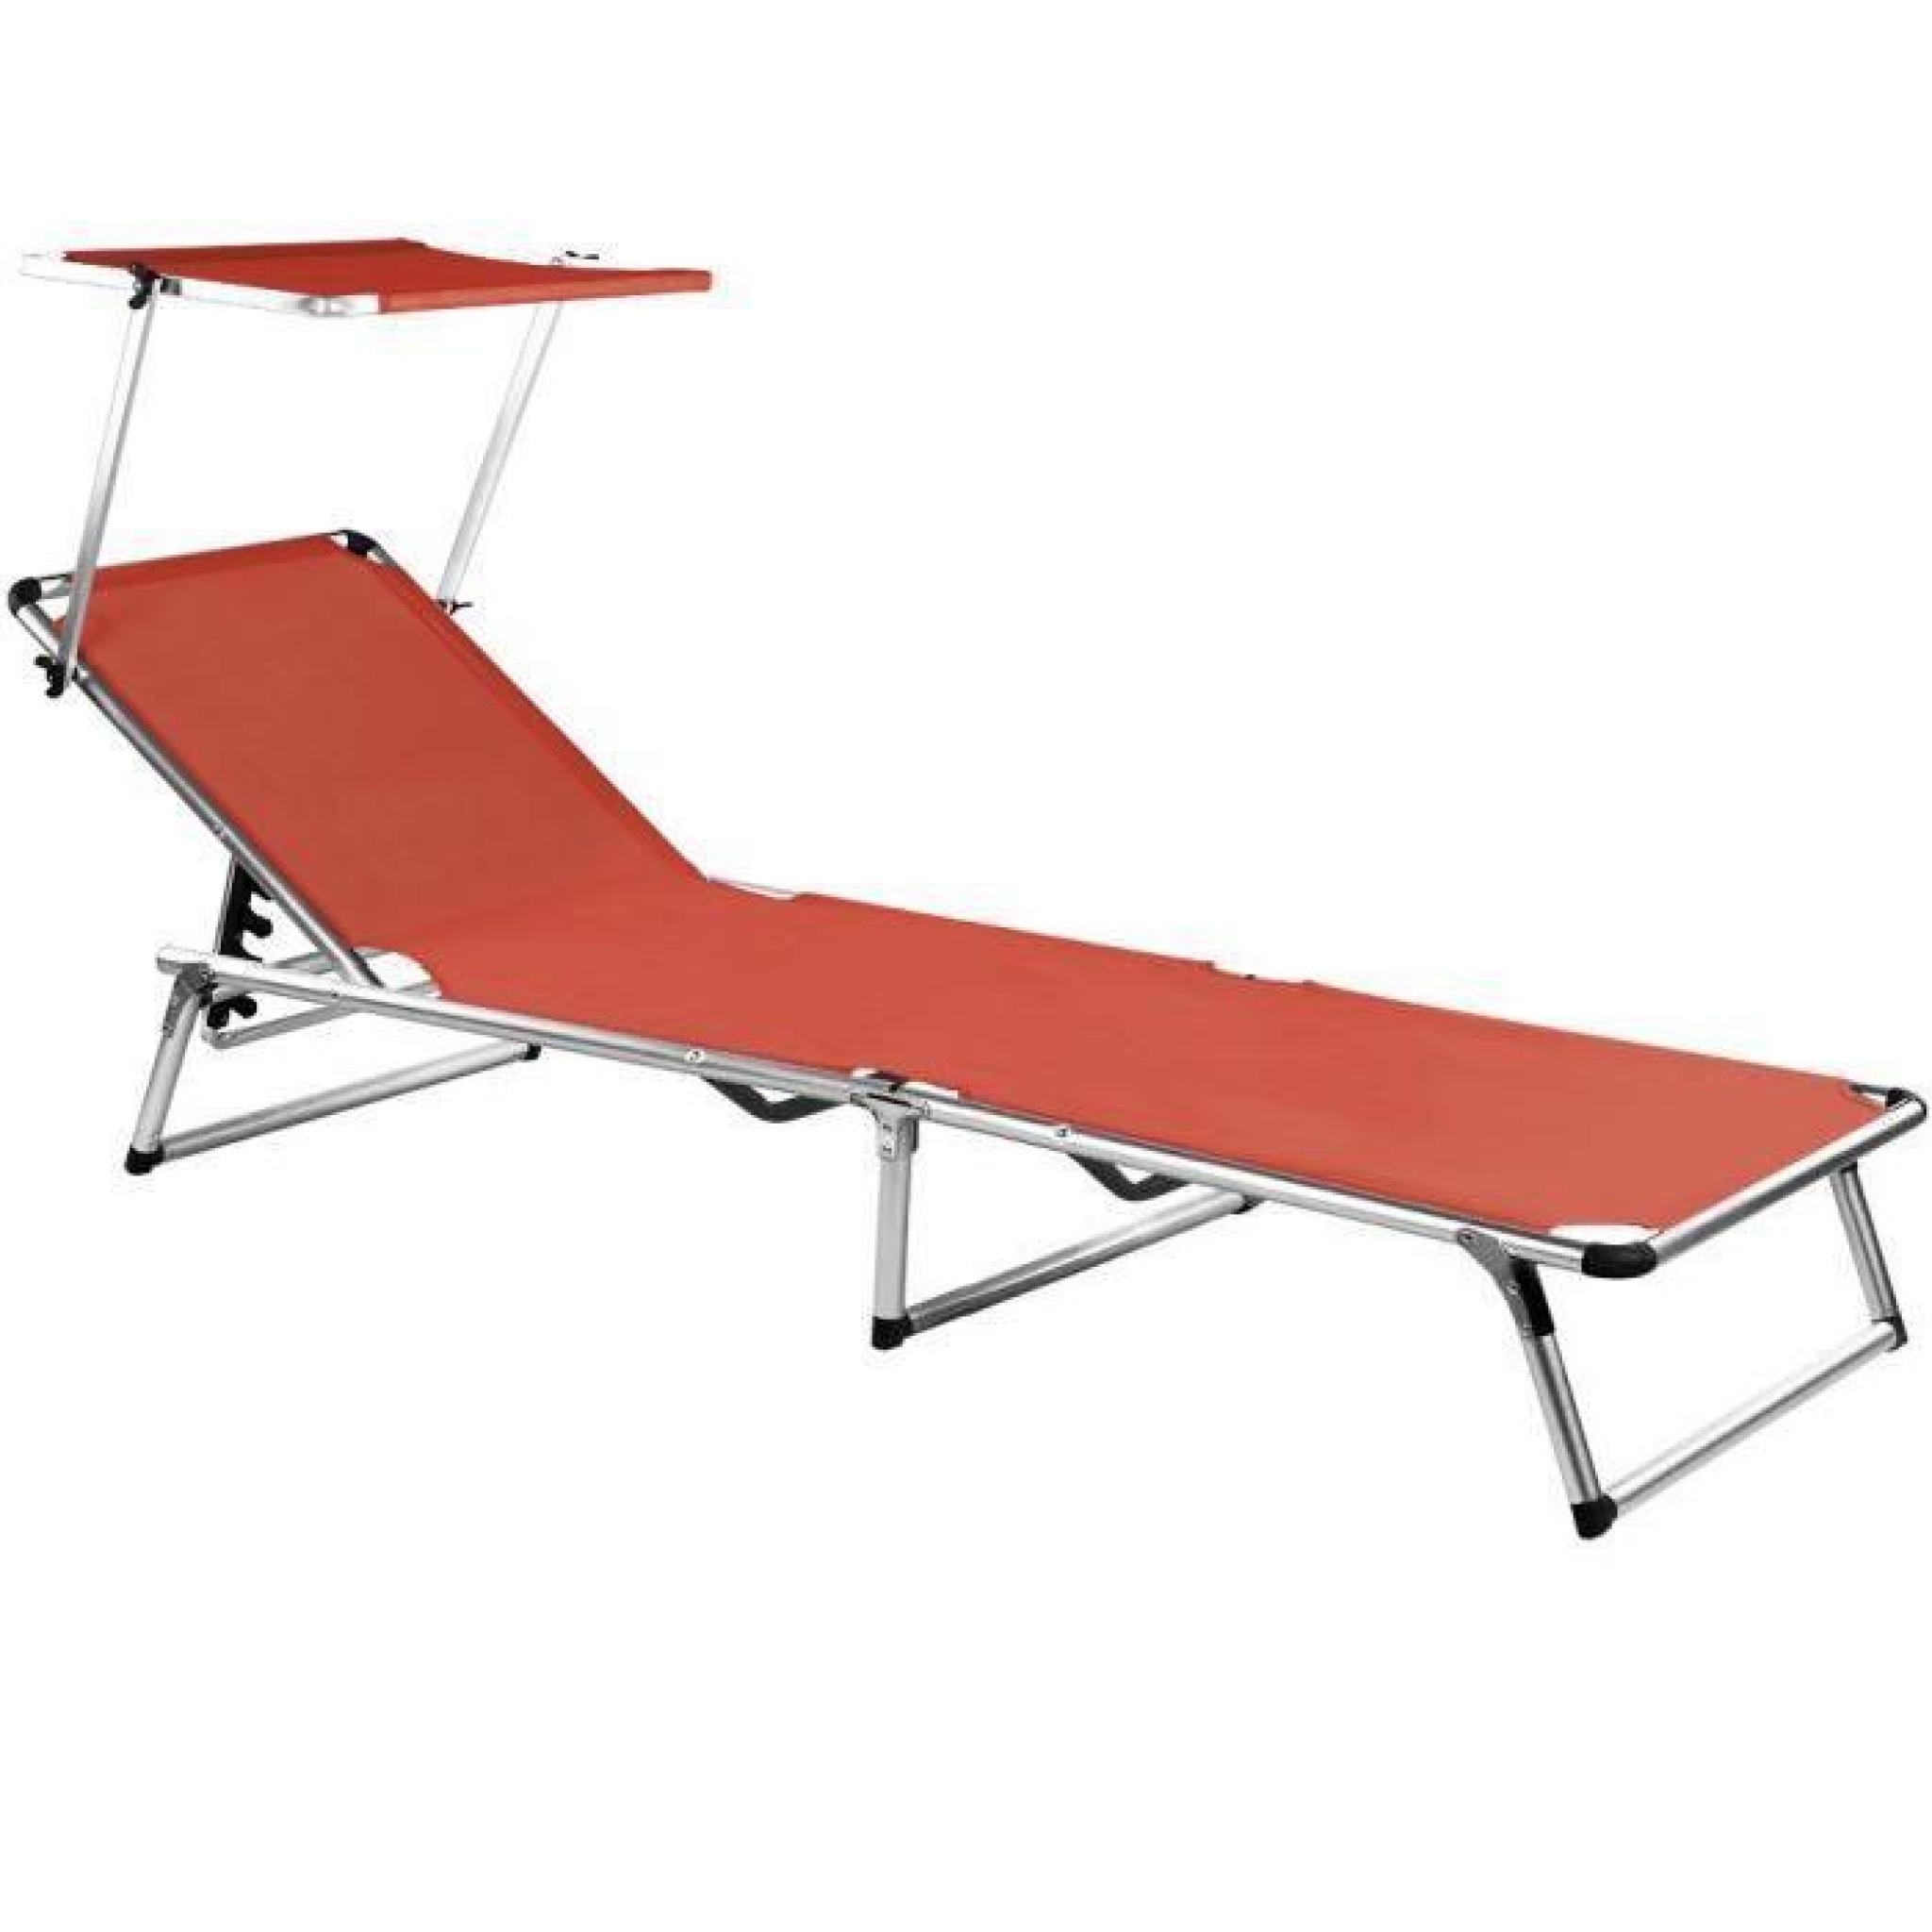 Chaise longue de jardin rouge pliante aluminium - Achat ...